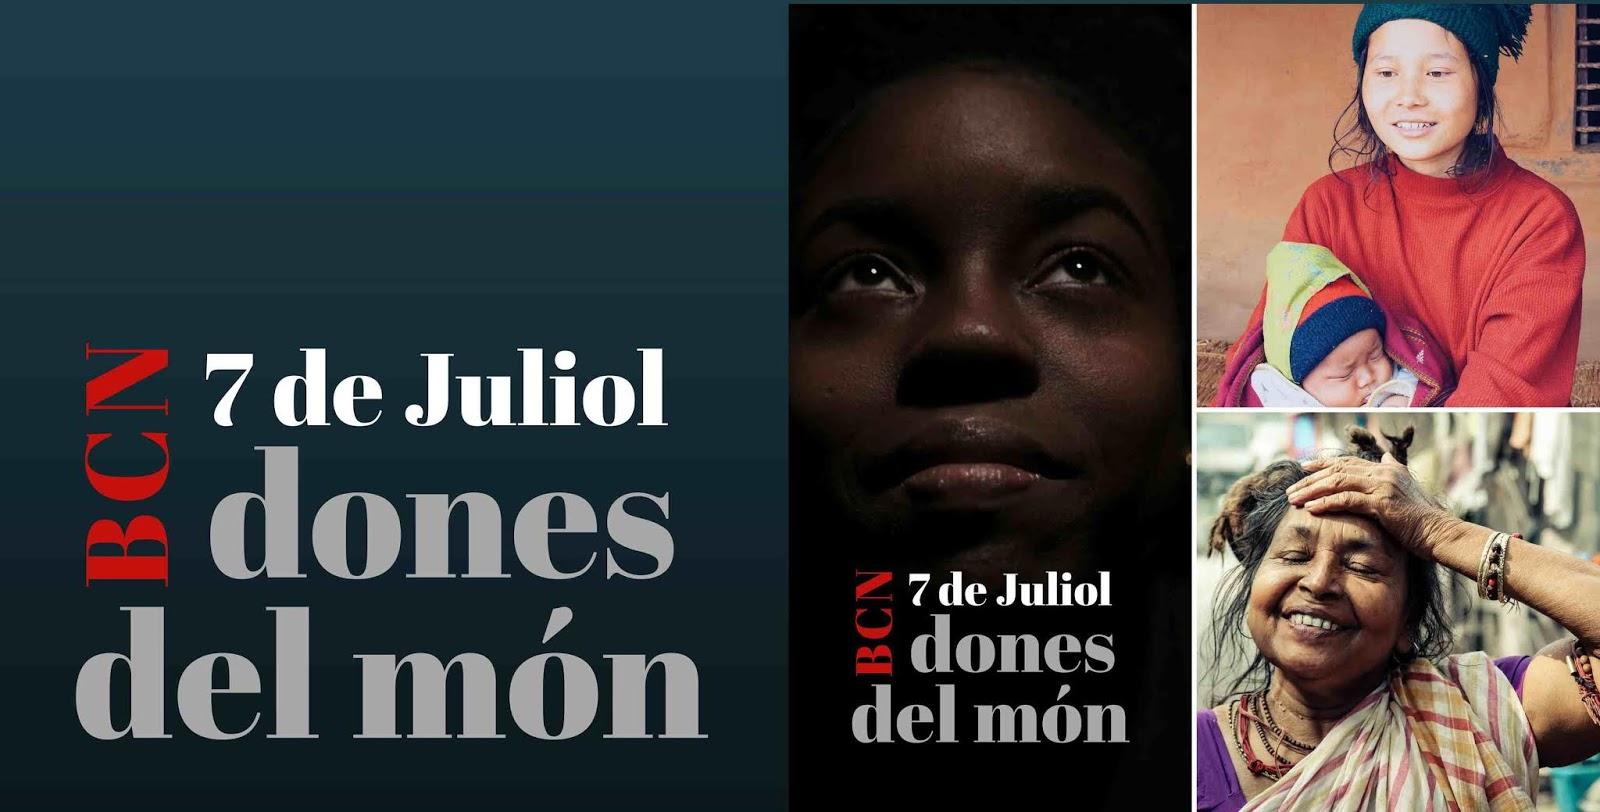 DONES DEL MÓN, 7 de Julio Cocheras de Sants BCN